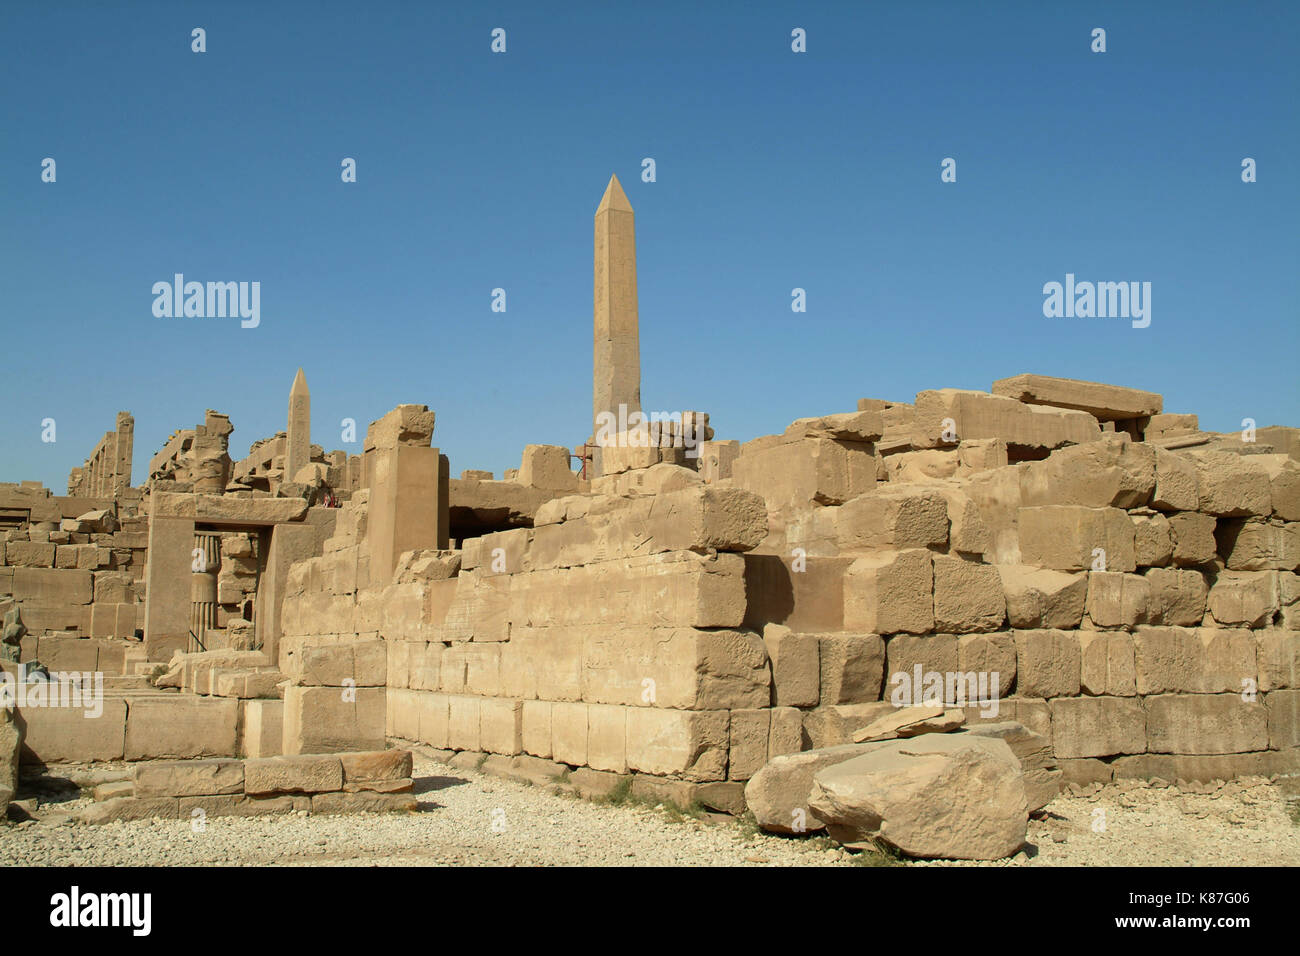 Ruinen einer antiken Tempel in Luxor, ohne Menschen, Theben, Weltkulturerbe der UNESCO, Ägypten, Nordafrika, Afrika Stockbild